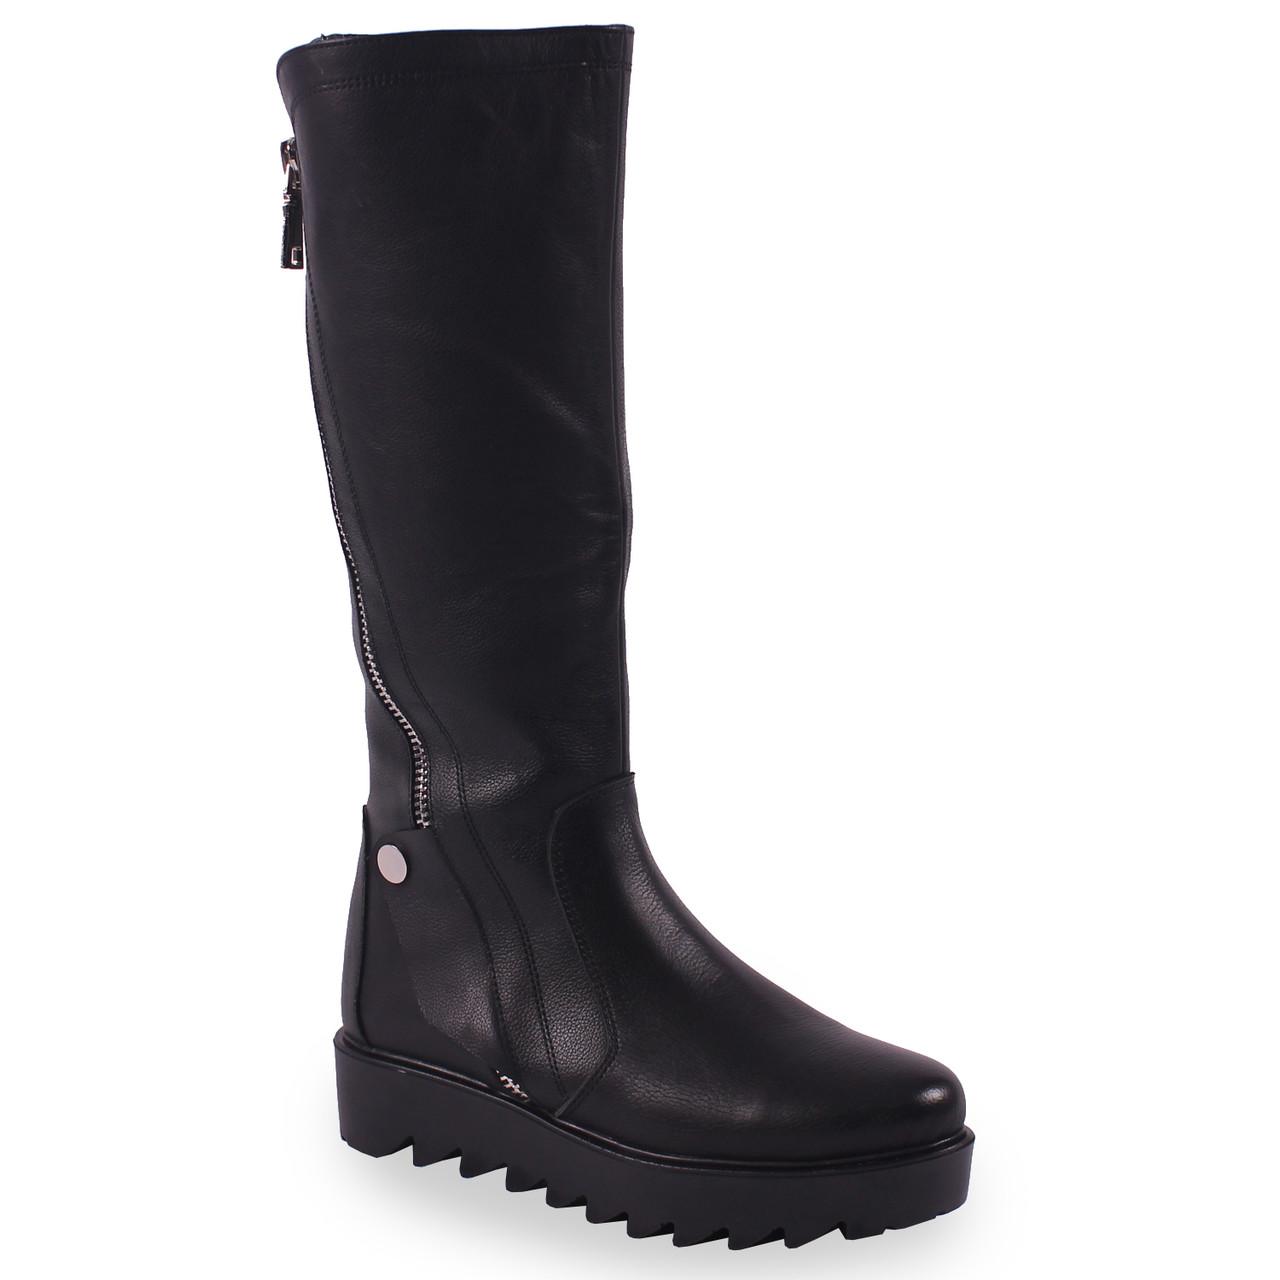 42e70b78 Женские сапоги El Passo (кожаные, зимние, черные, на каблуке, есть замок,  на платформе)